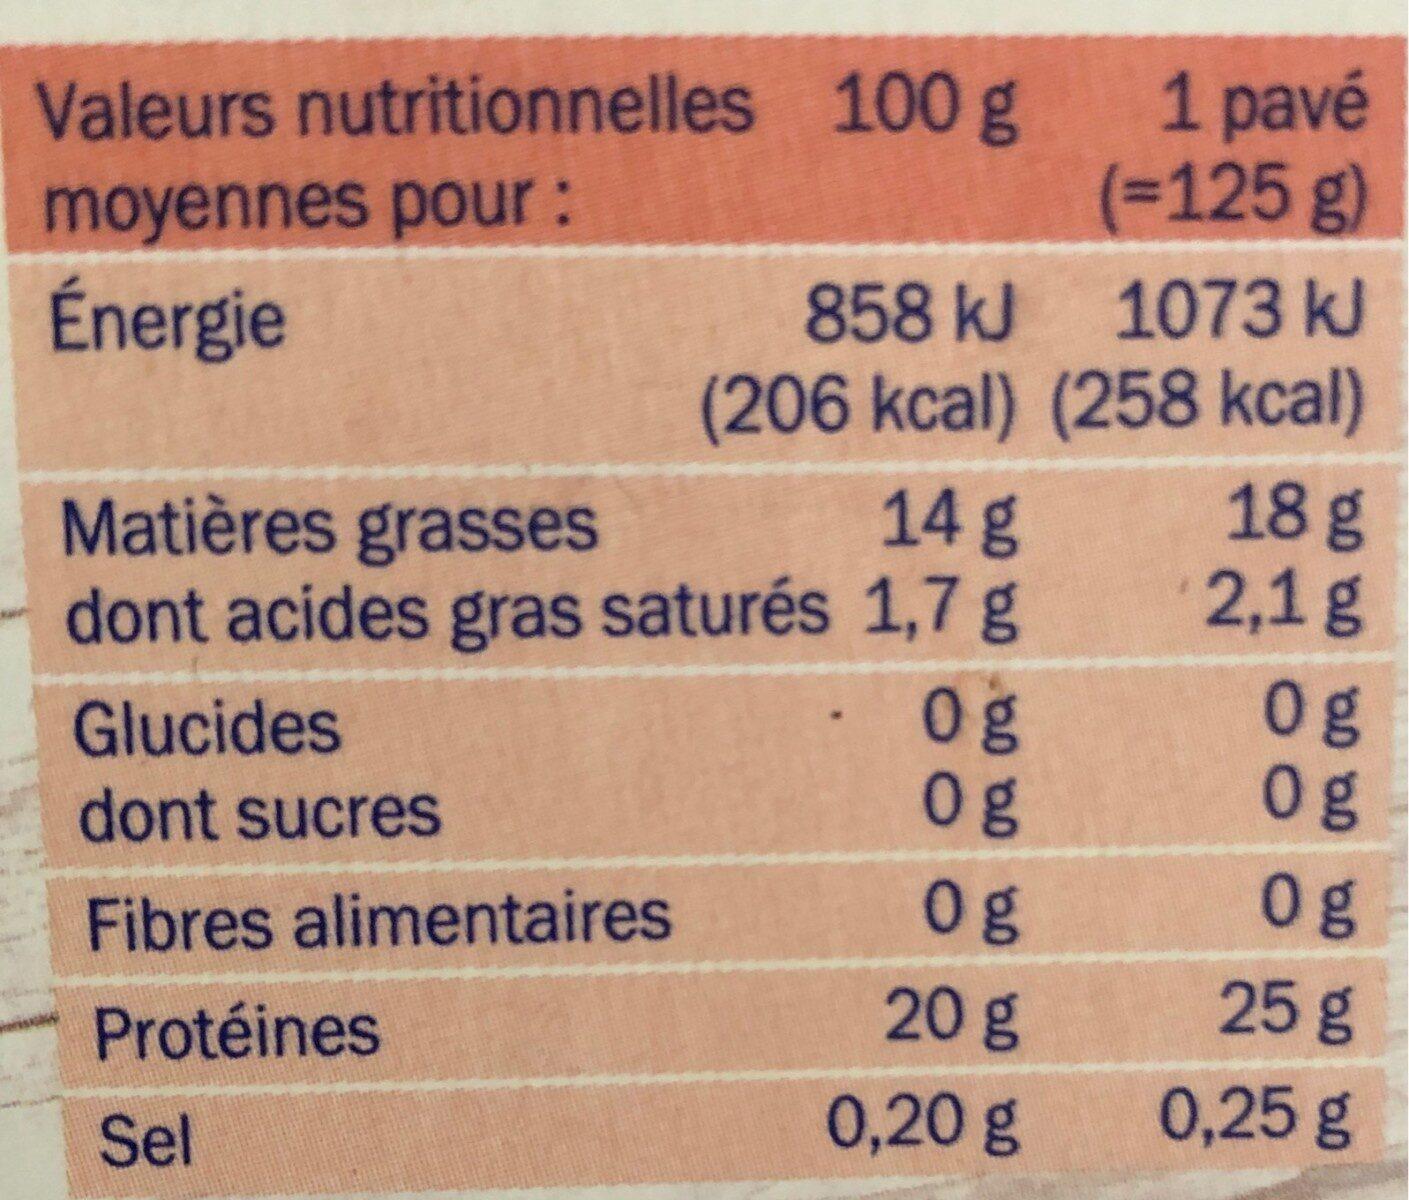 Paves de saumons x2 asc 250g surg - Informations nutritionnelles - fr